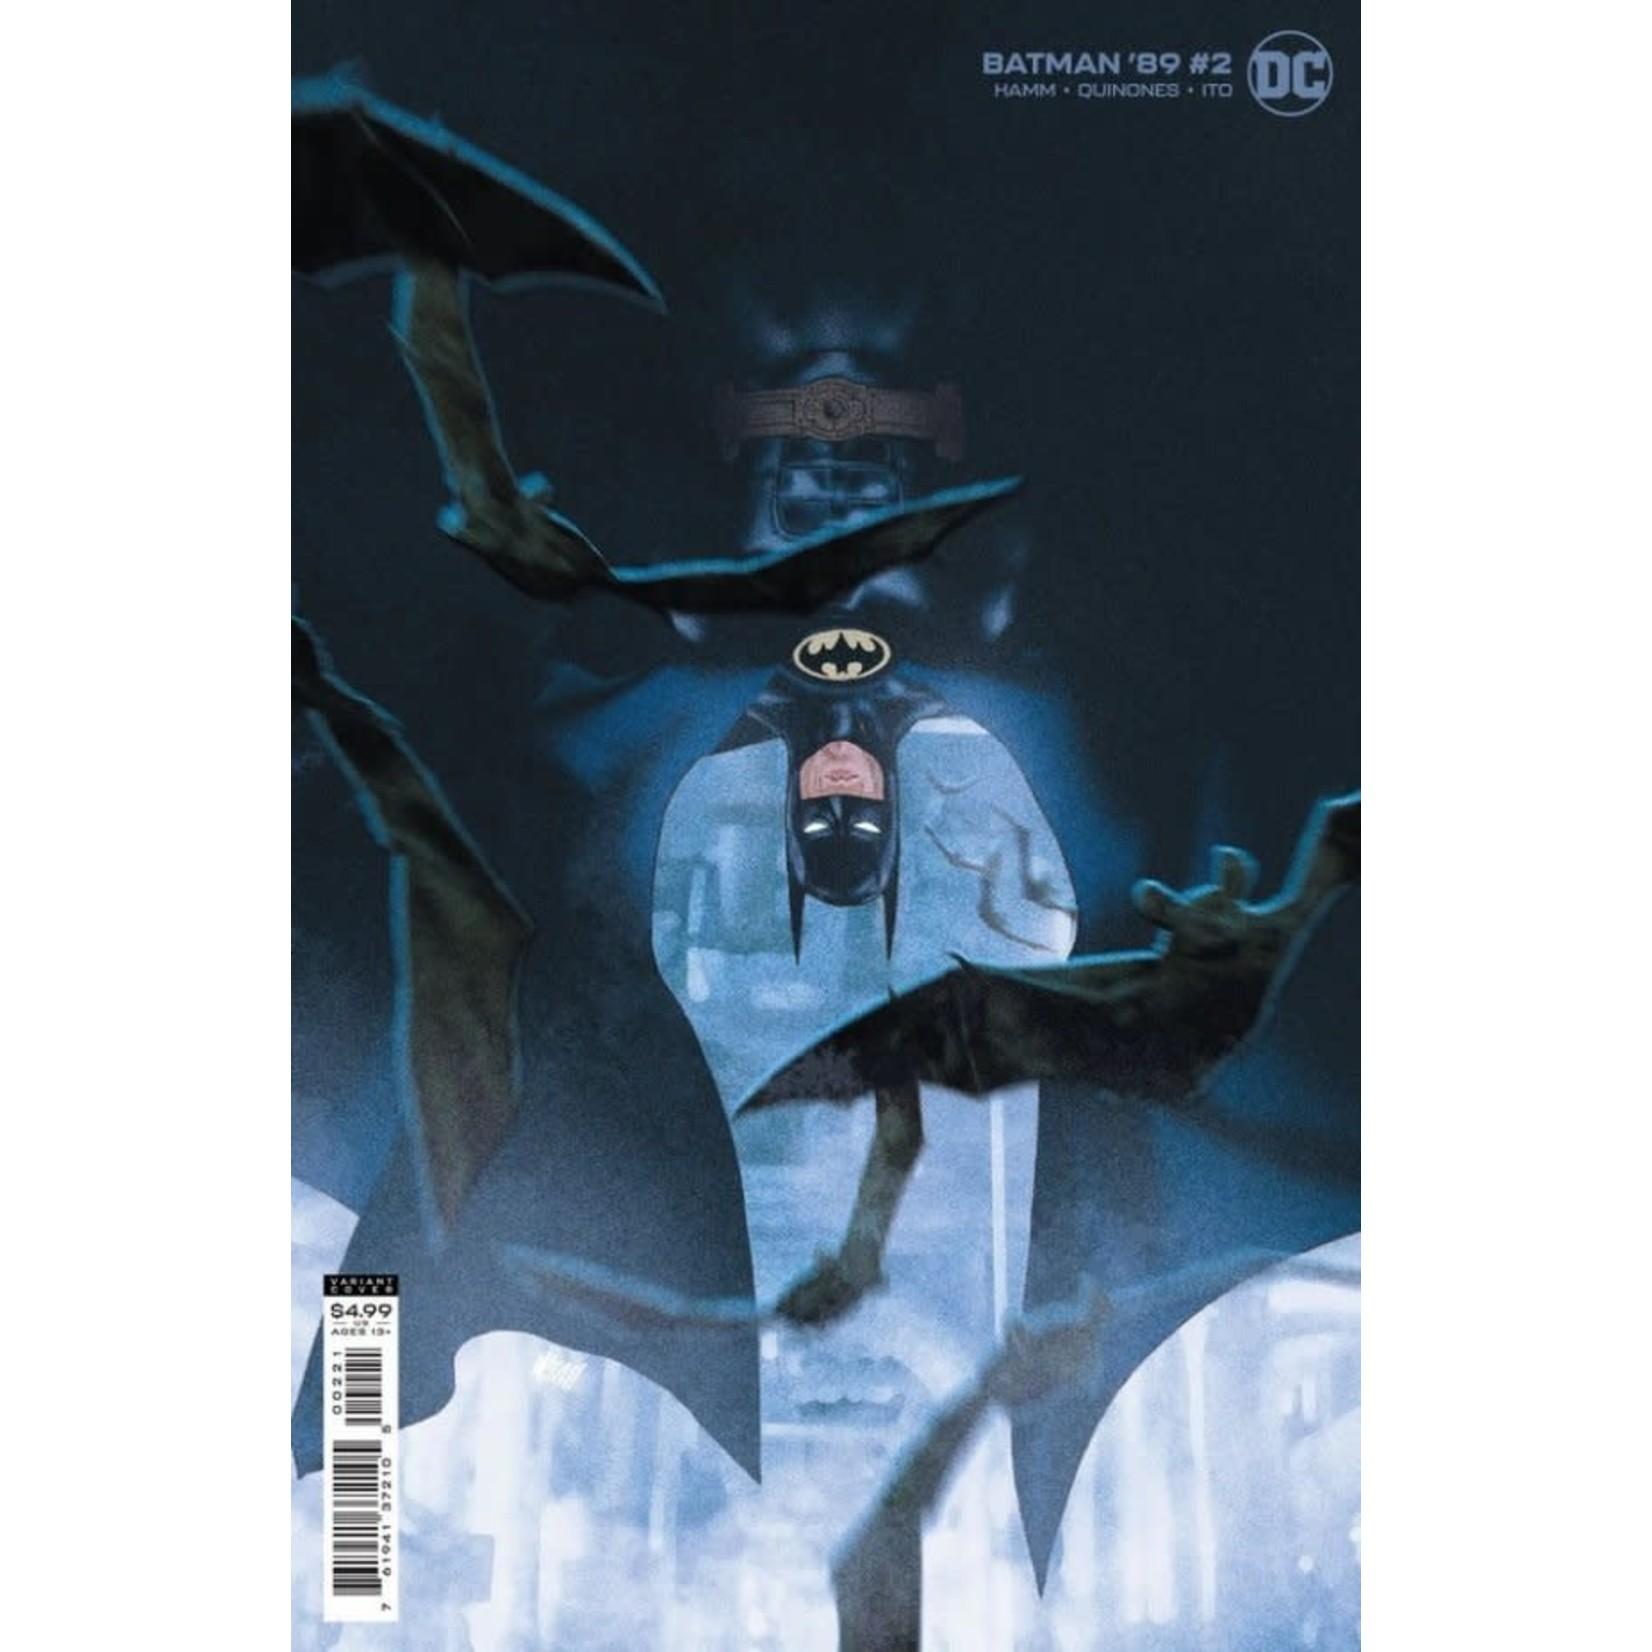 DC Comics Batman '89 #2